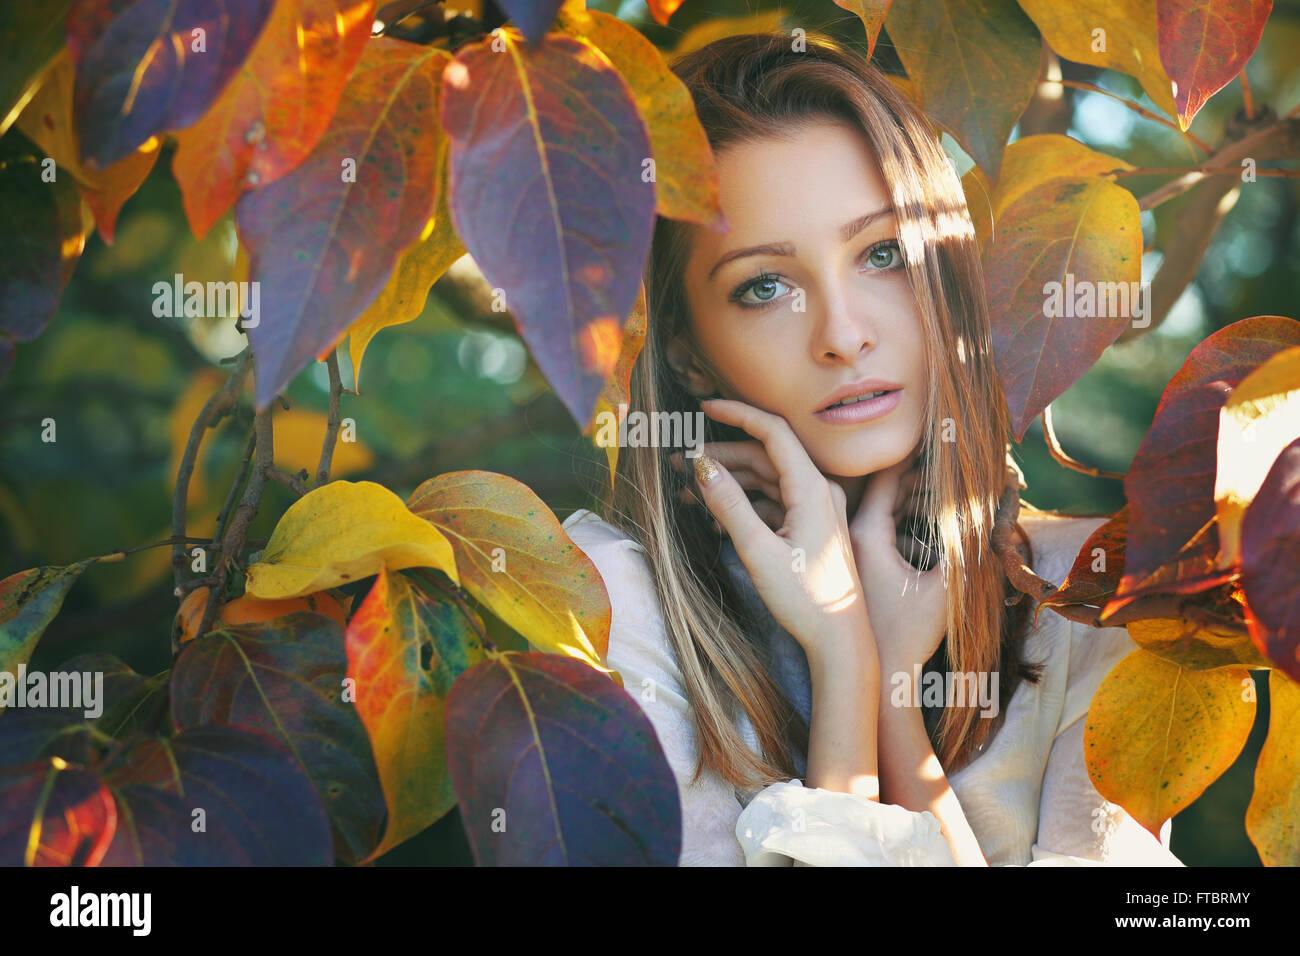 Hermosa mujer joven posando entre coloridas hojas de otoño Foto de stock